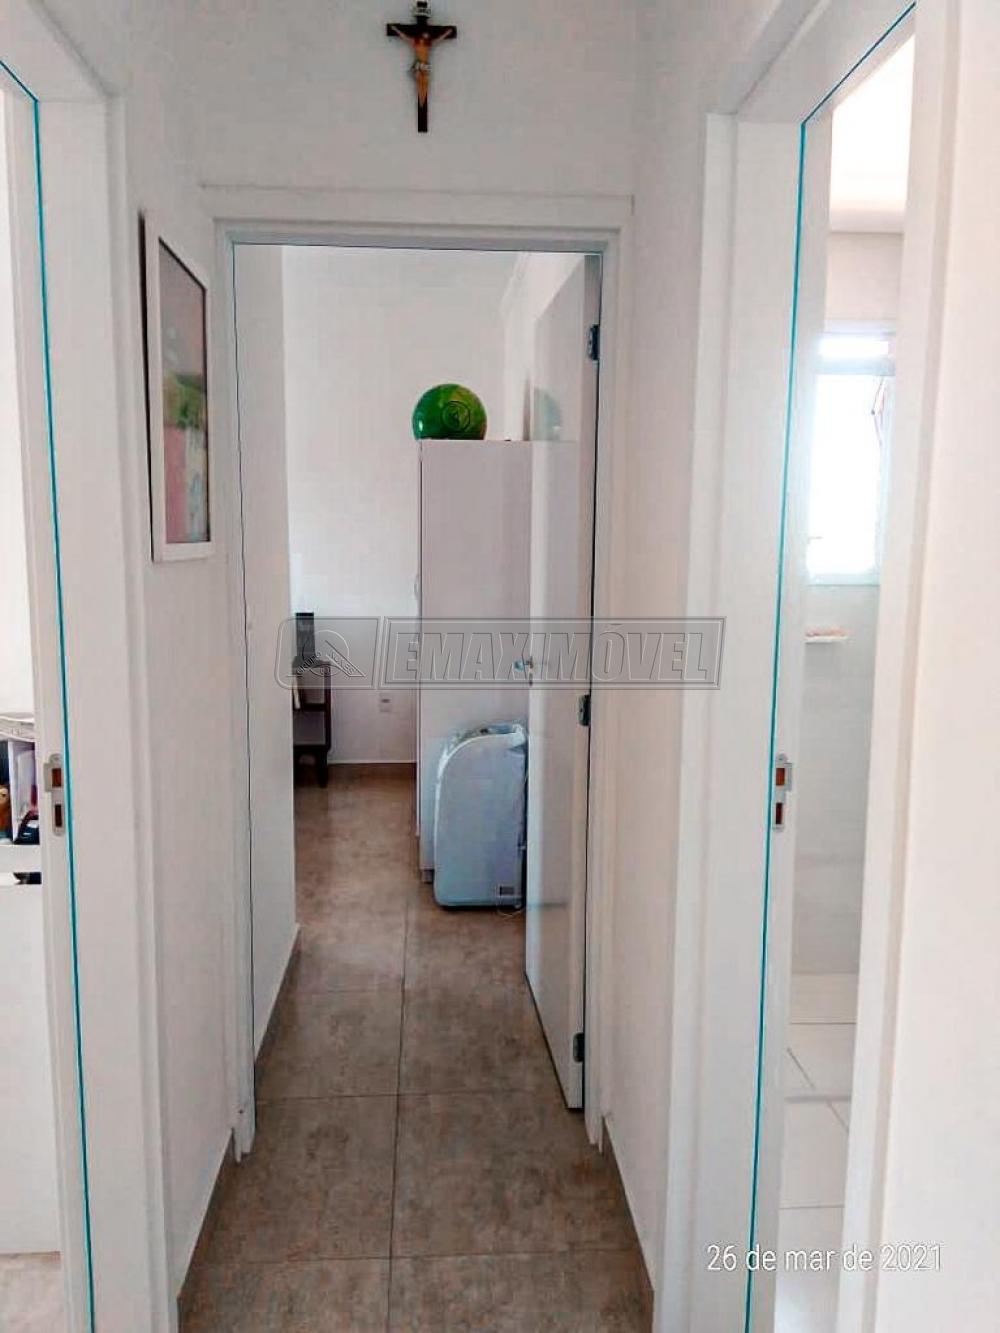 Comprar Apartamentos / Apto Padrão em Sorocaba apenas R$ 230.000,00 - Foto 7